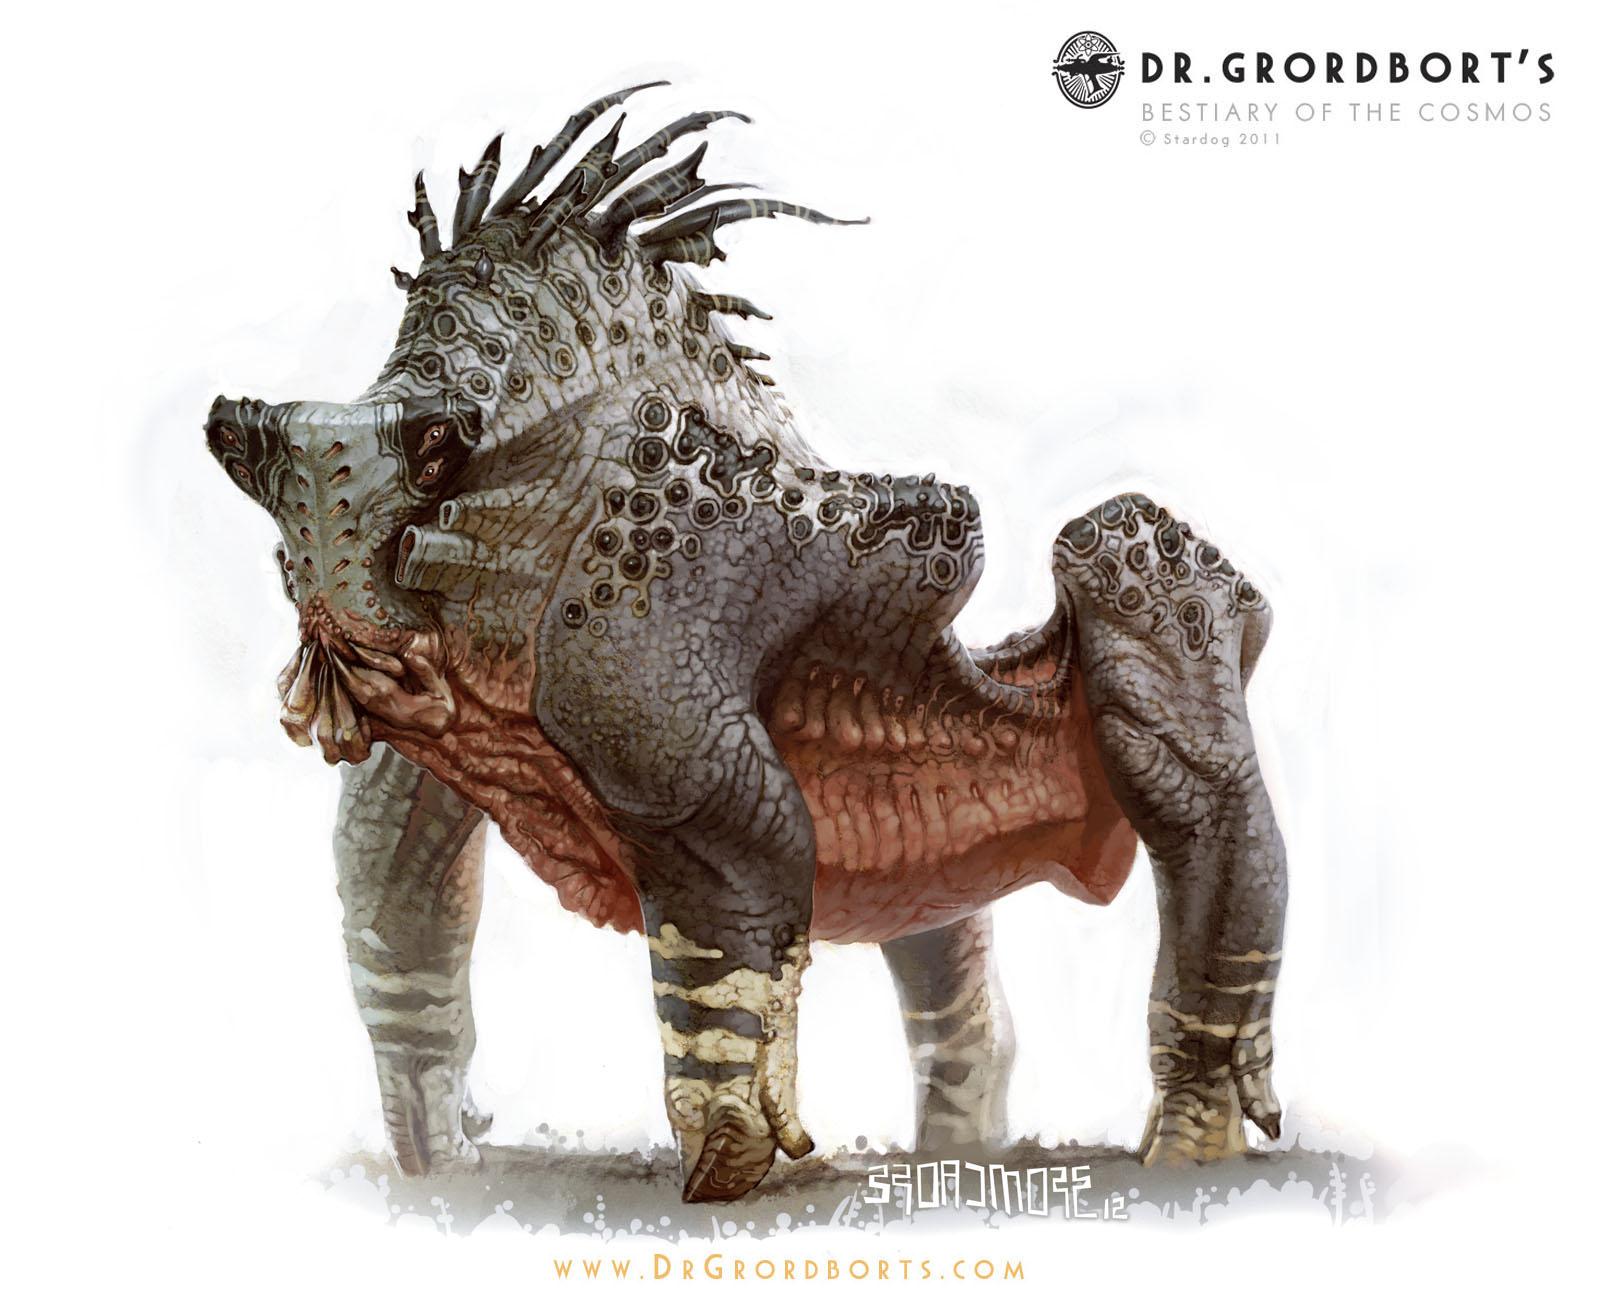 Jurassic Park 4 Dinosaur Hybrid | Jurassic Park 4 script